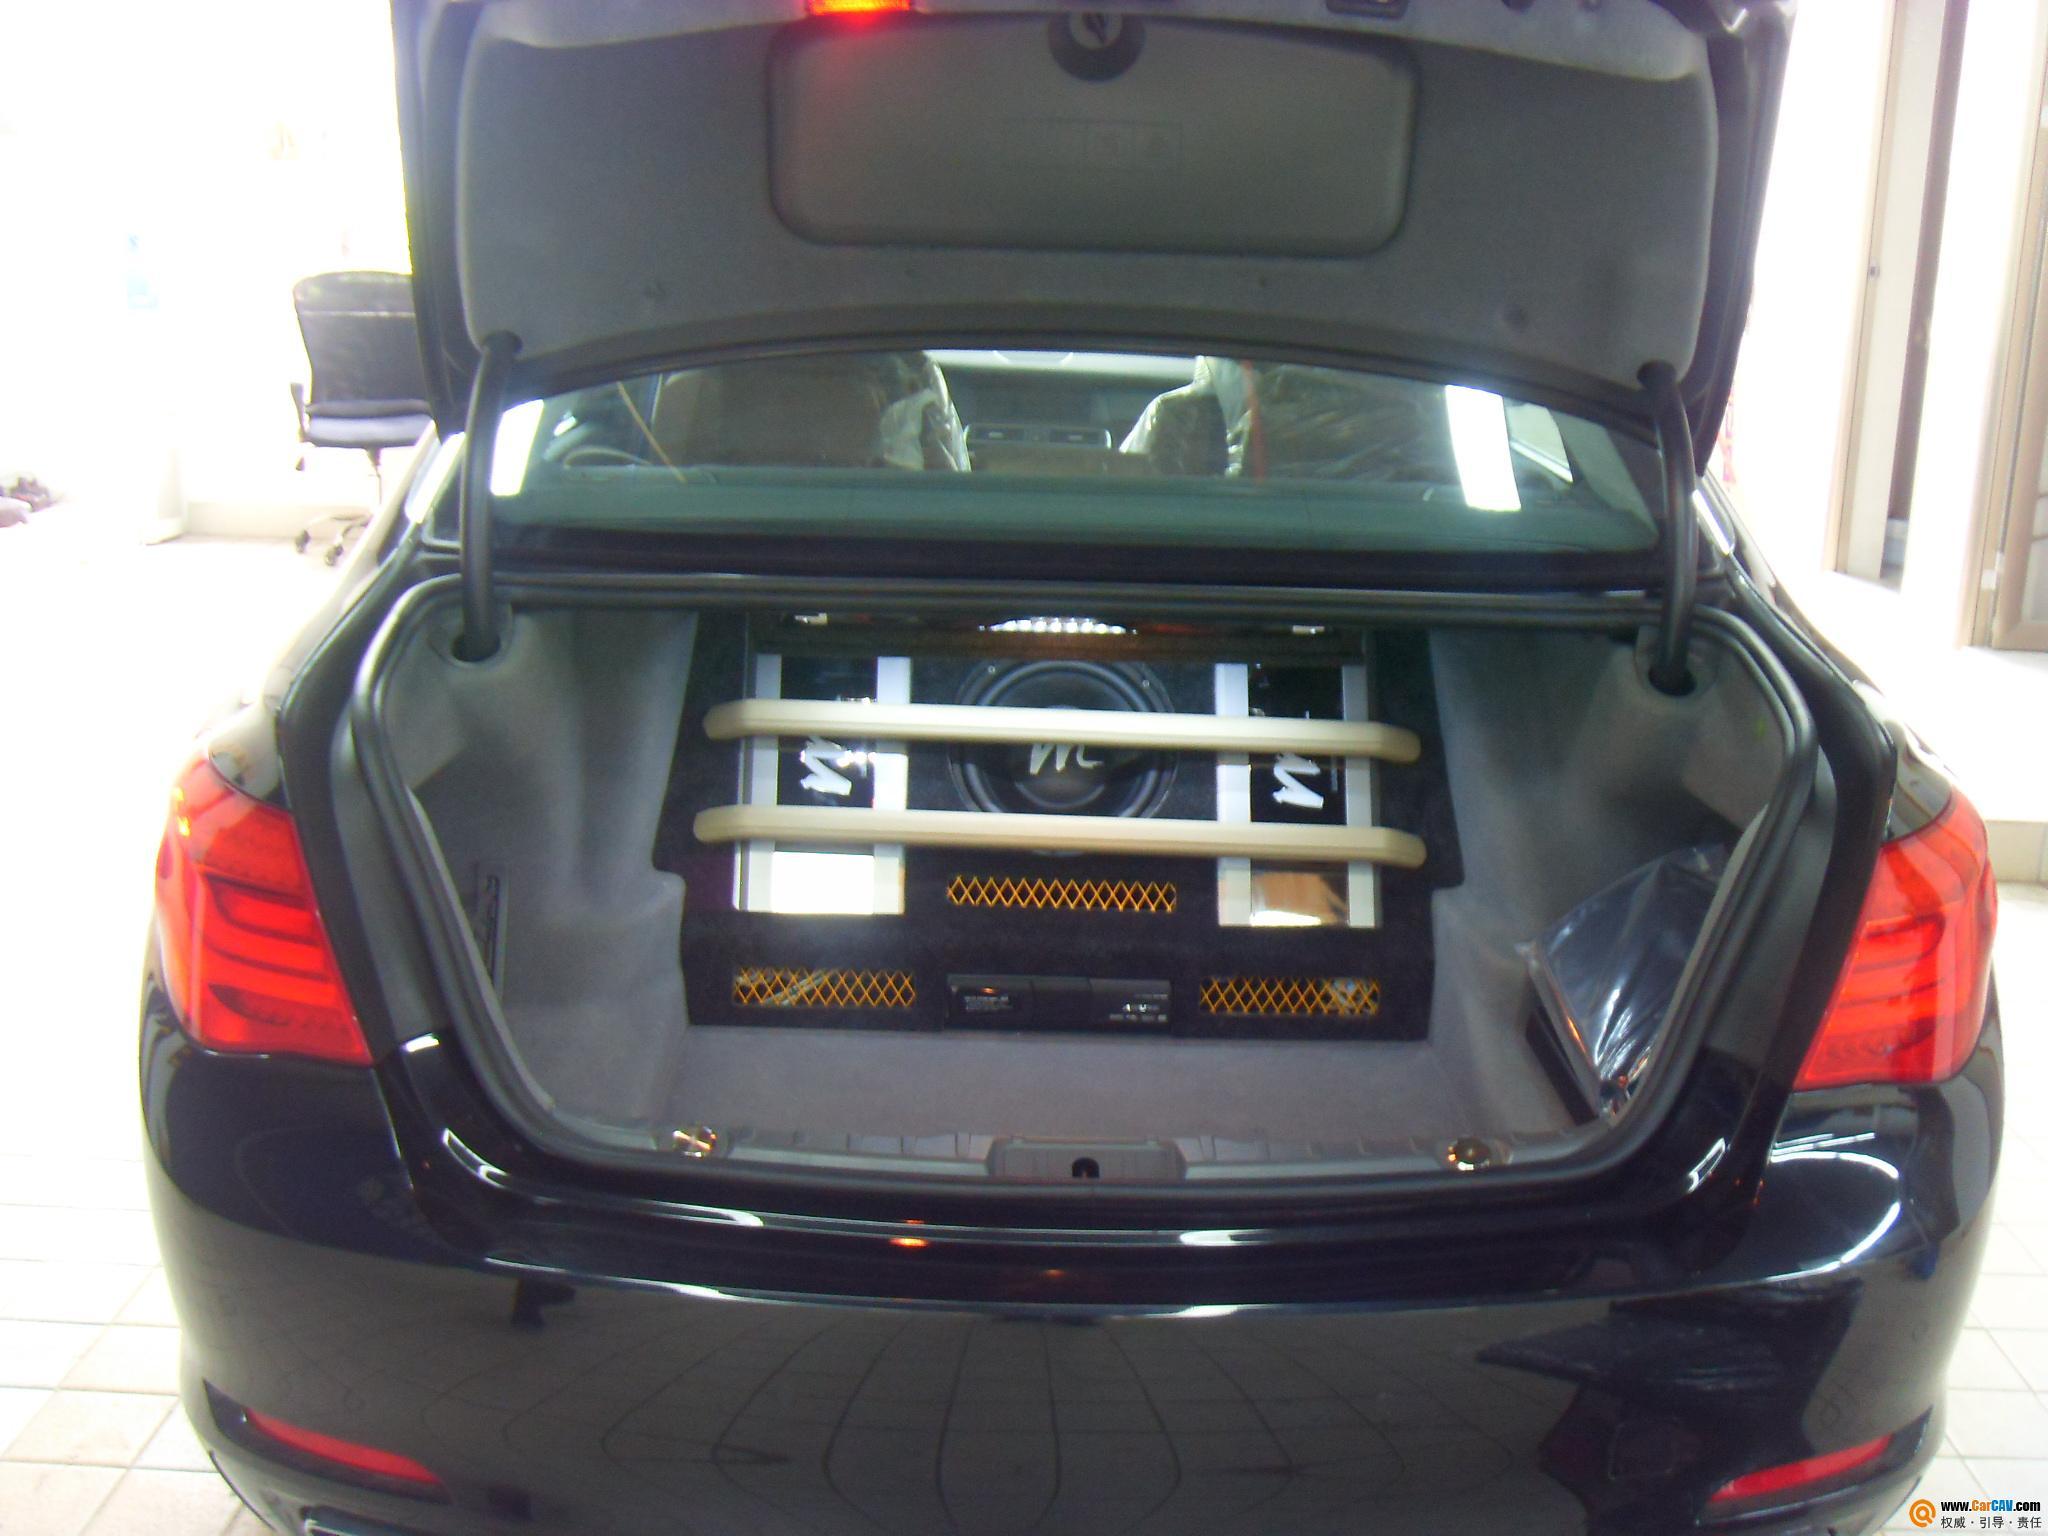 广州车元素汽车音响 宝马740汽车音响改装升级DTS5.1 4高清图片